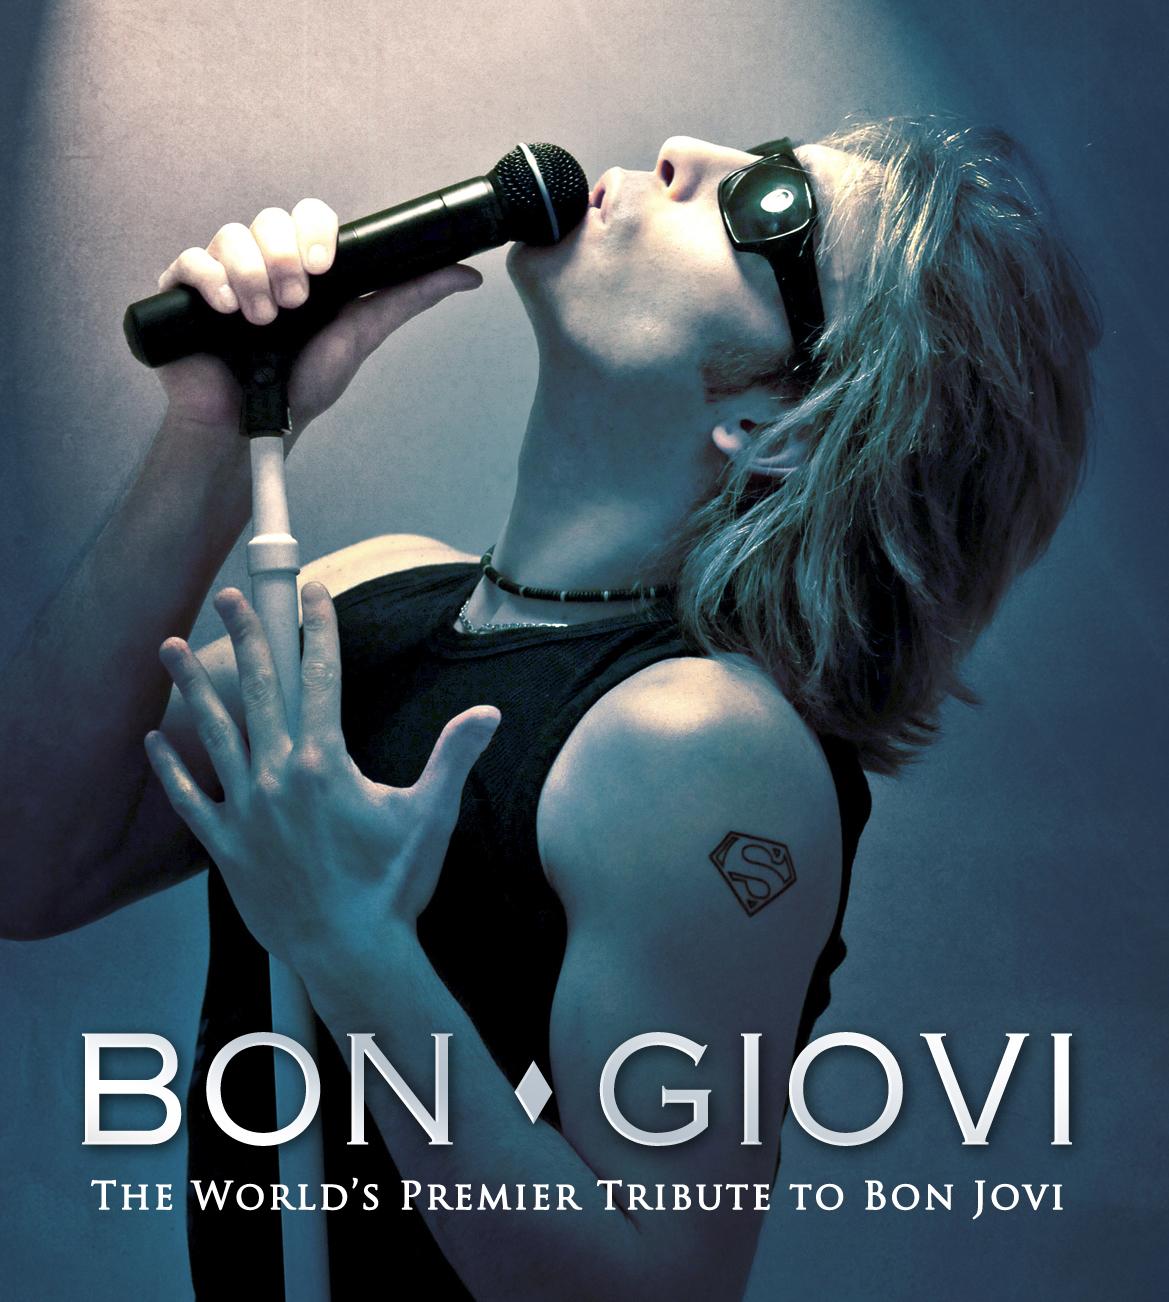 Bon_Jovi_Tribute_Band_Bon_Giovi_Poster